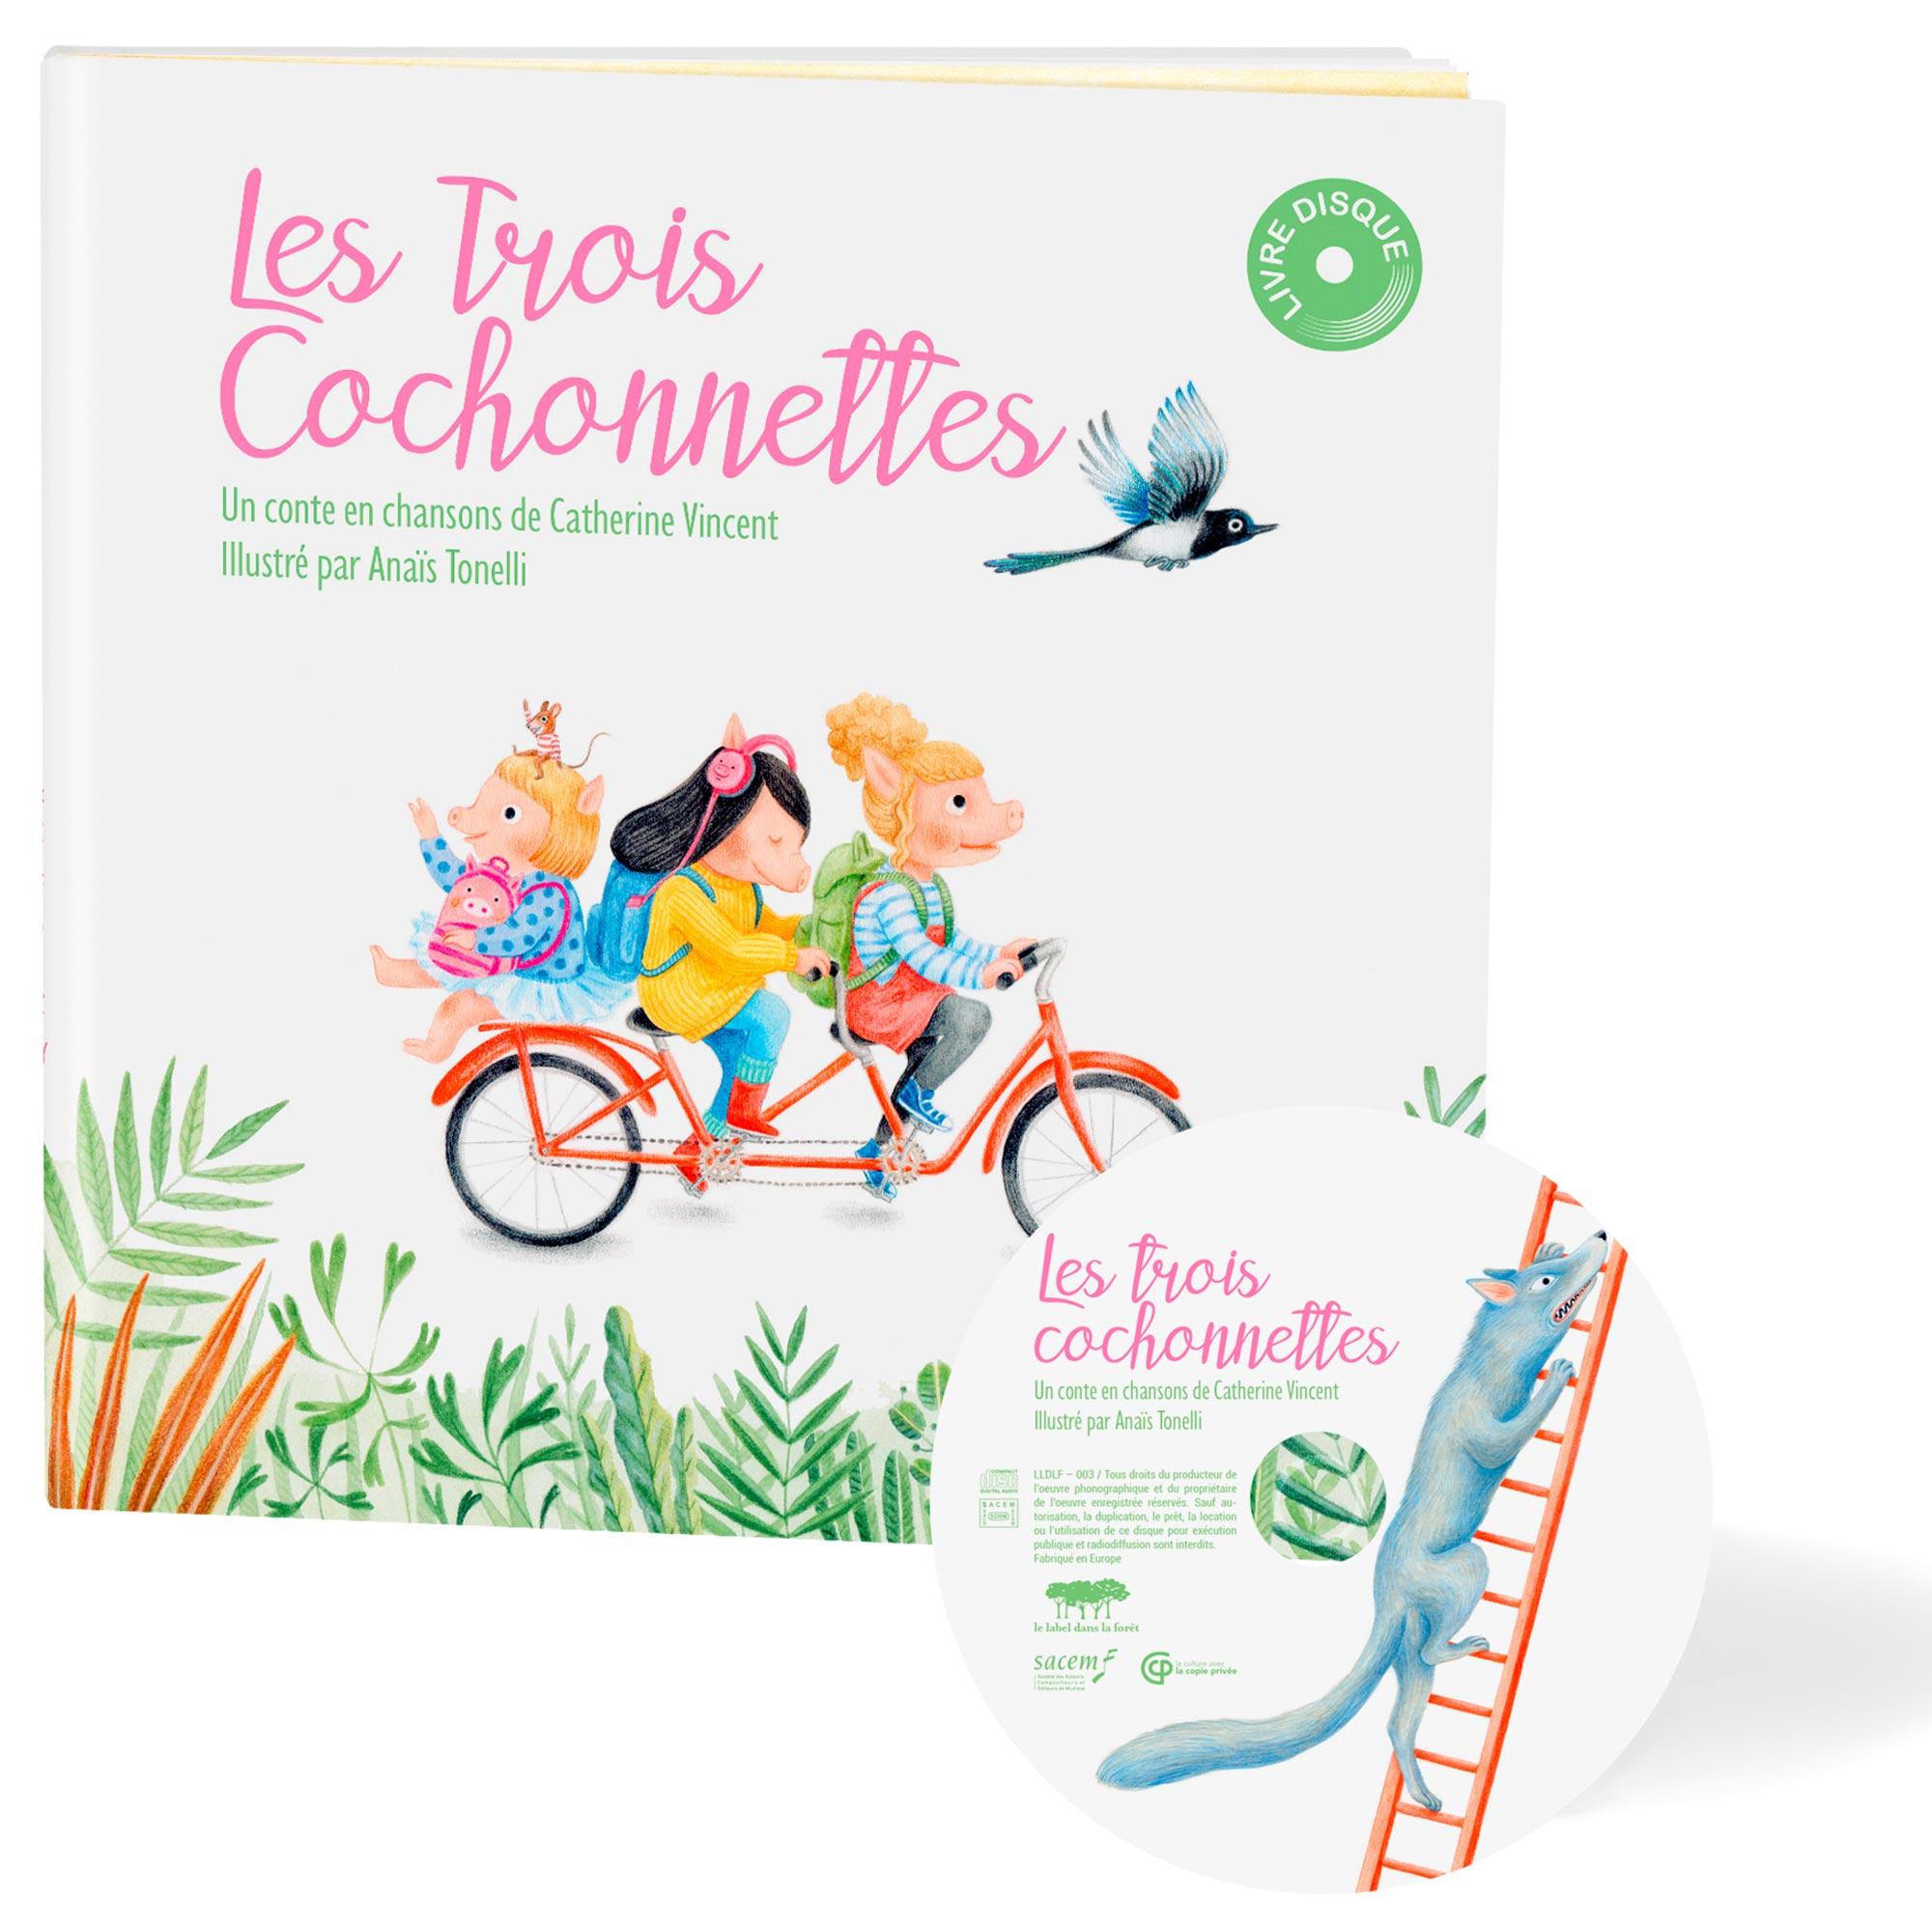 Le Label dans la Foret - Les Trois Cochonnettes - Catherine Vincent - Packshot